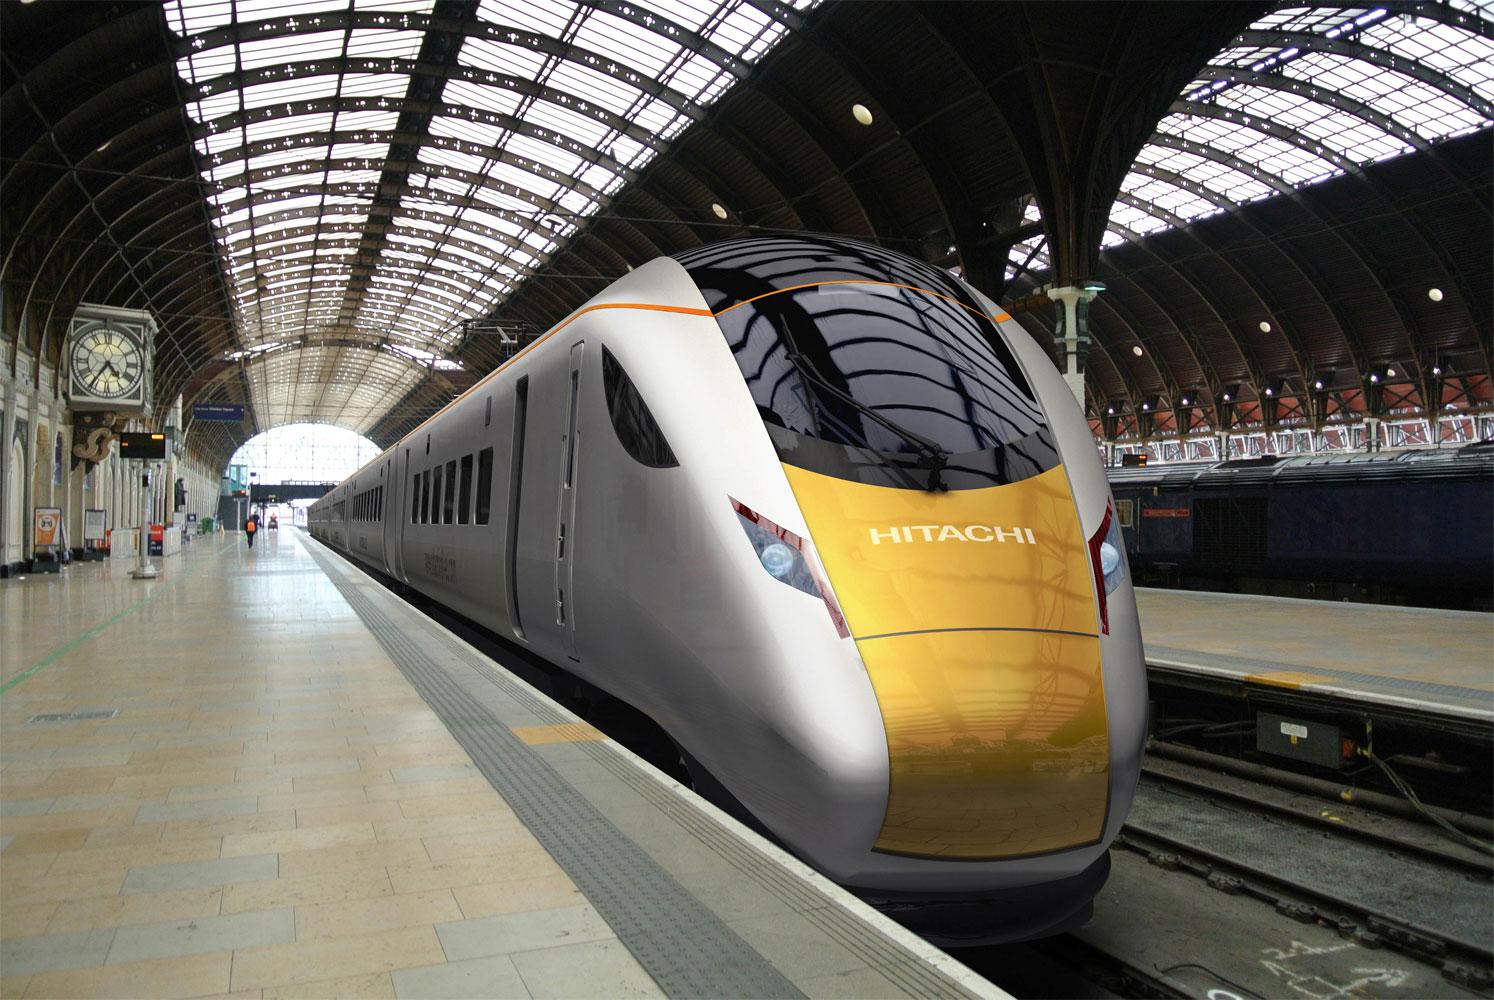 Δικαιώματα επιβατών σιδηροδρομικών μεταφορών